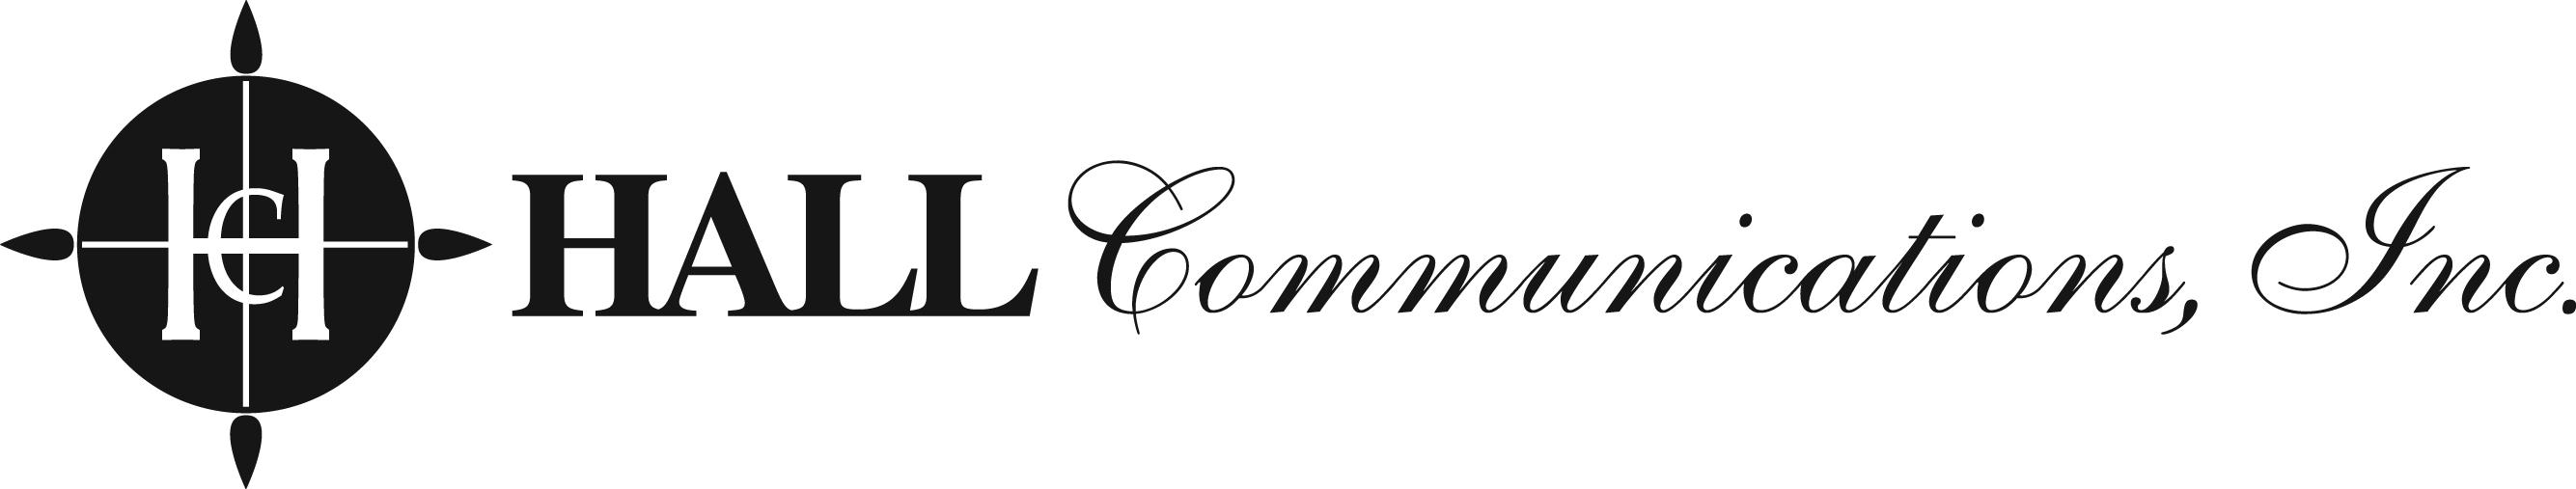 HallCommLogo2012